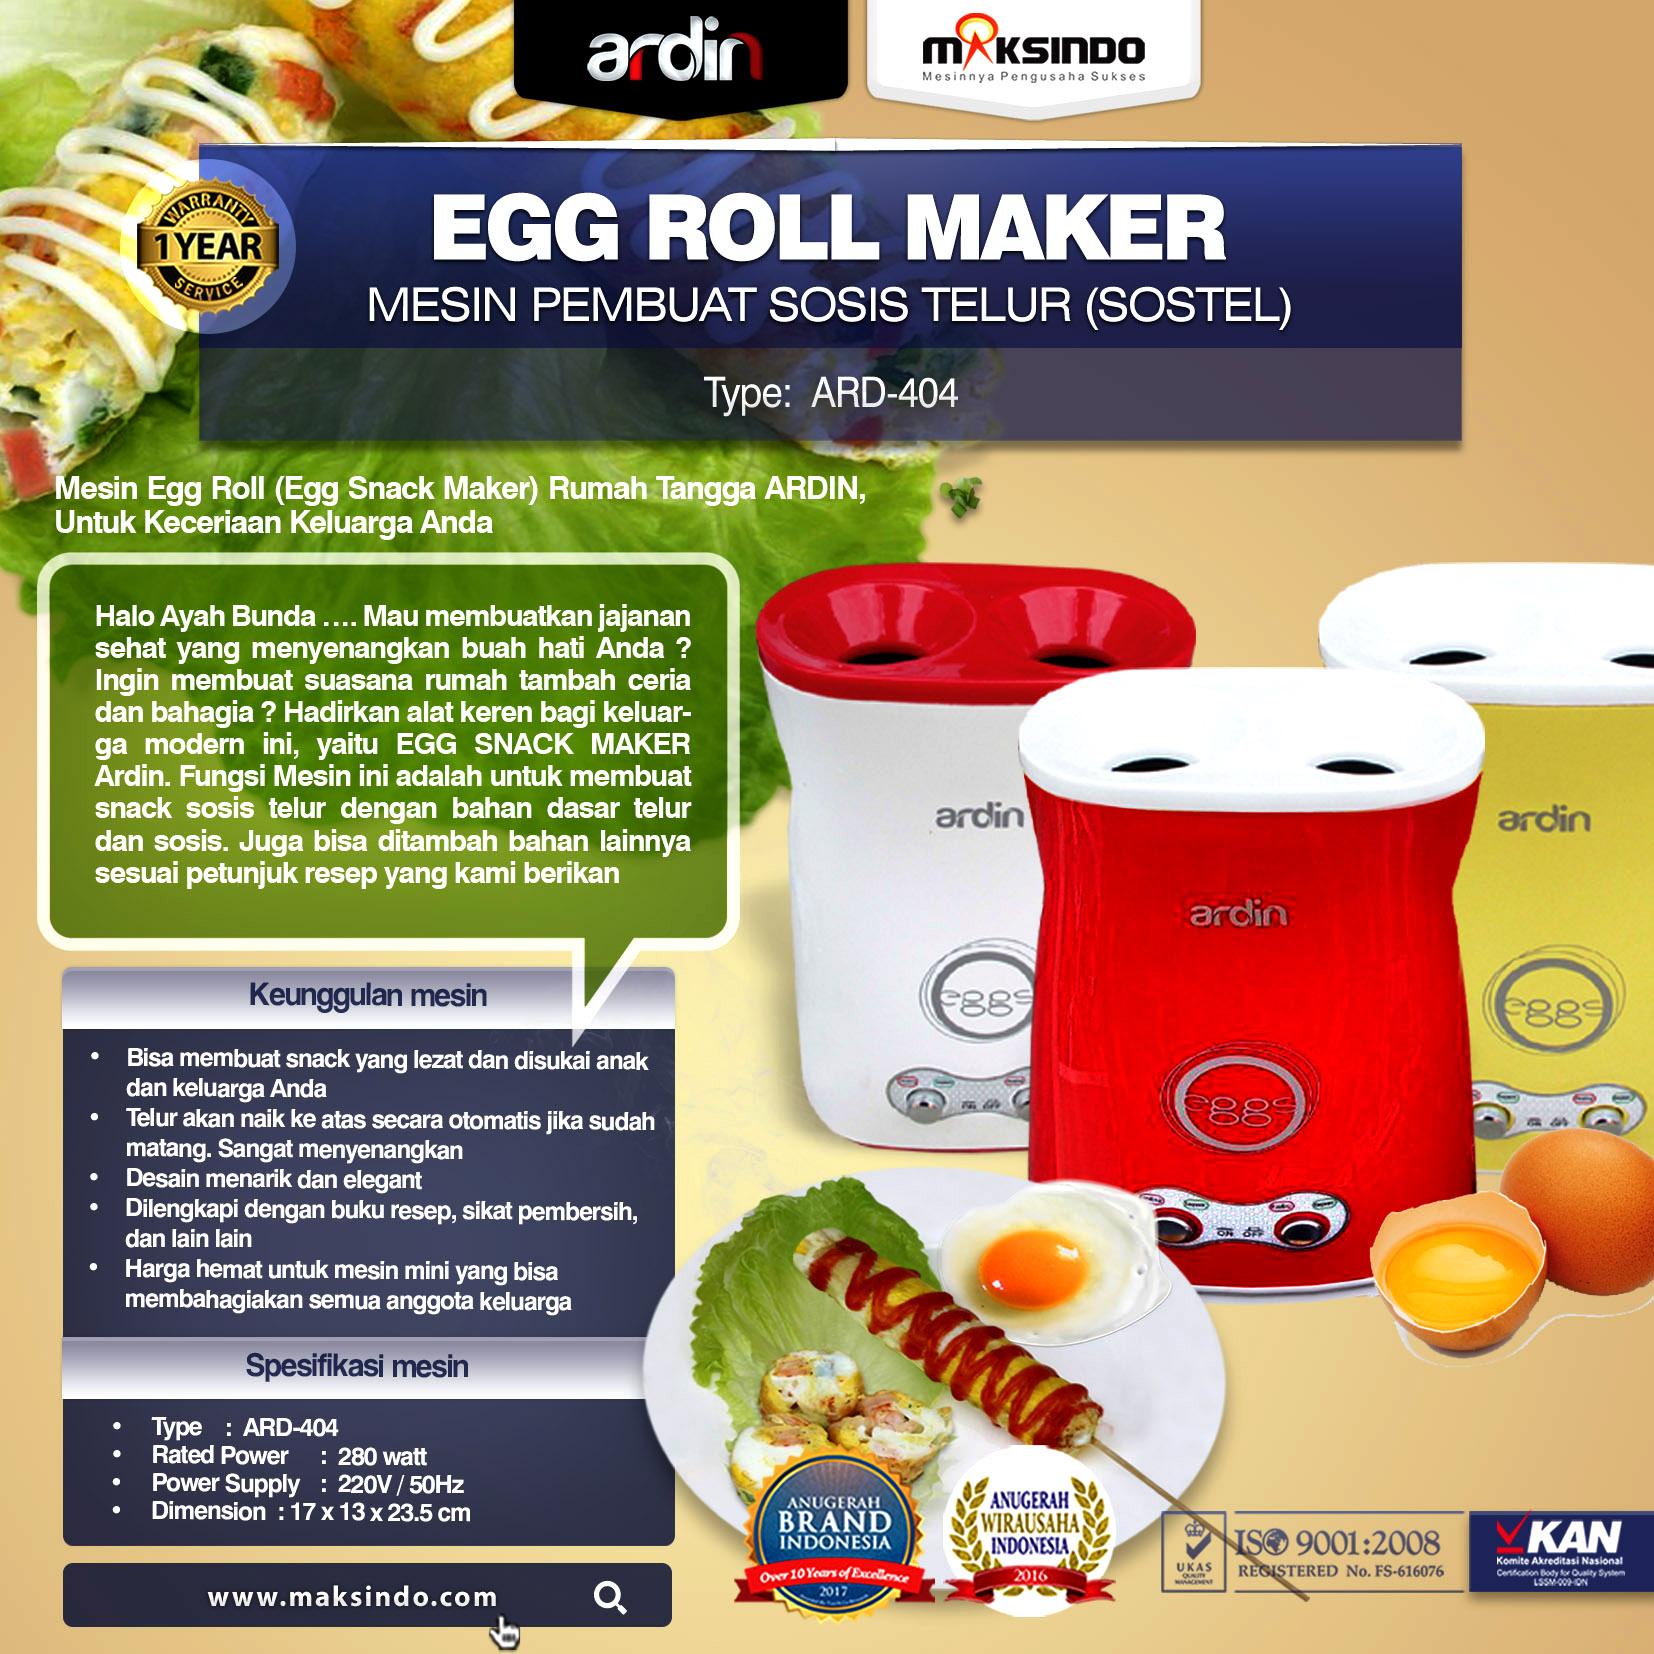 Egg Roll Maker (ARD-404) 1